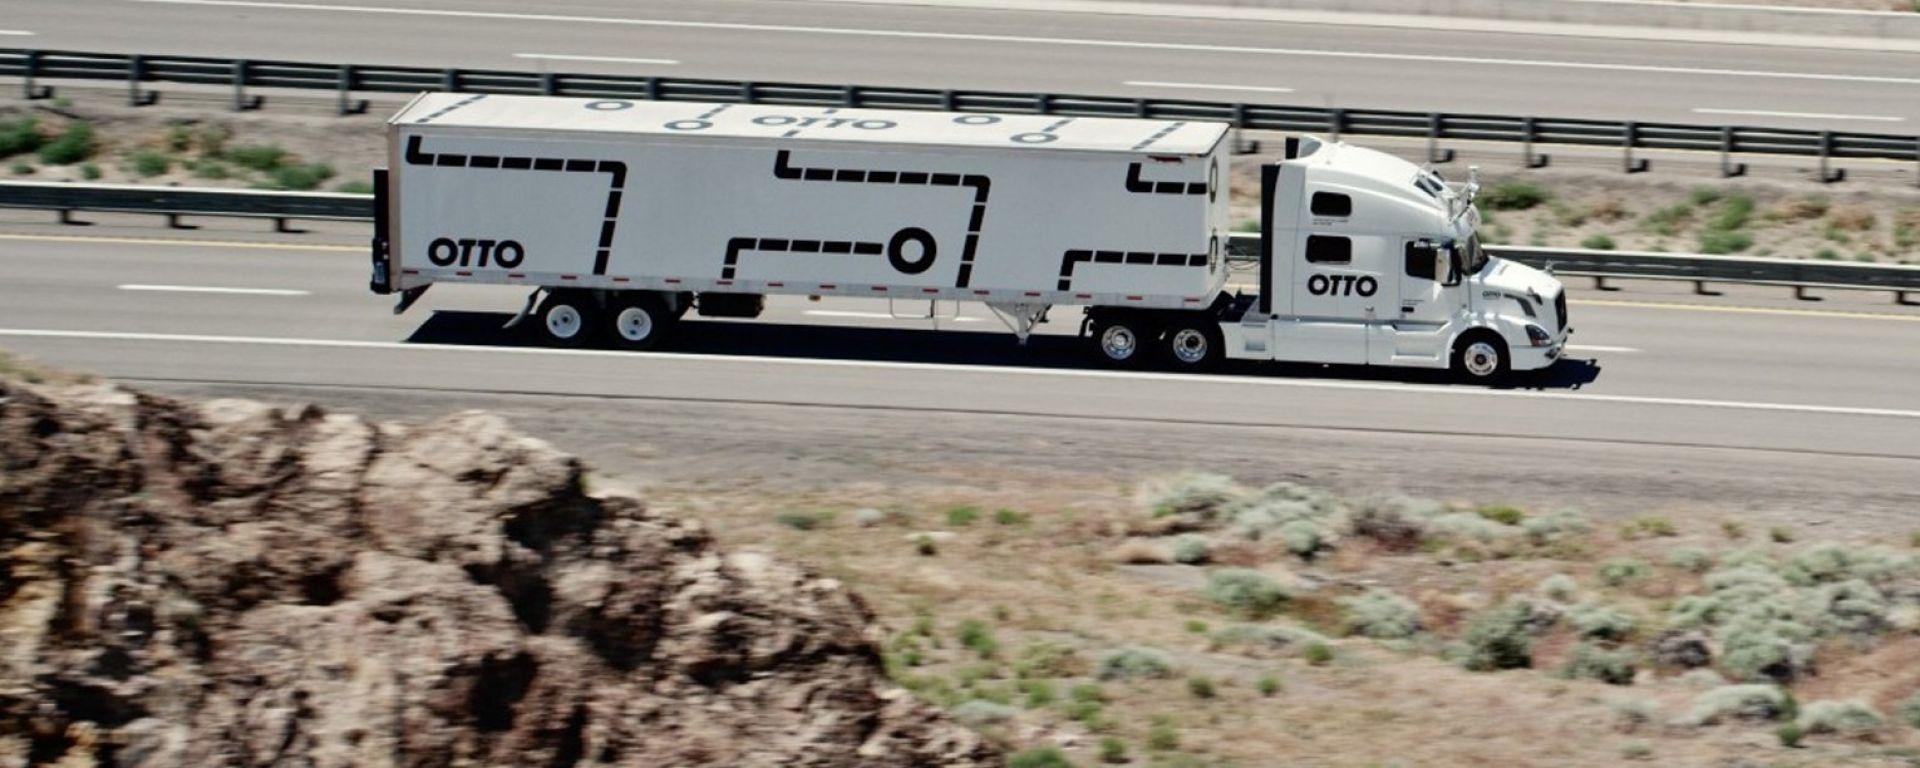 Guida autonoma: per i camion c'è Otto